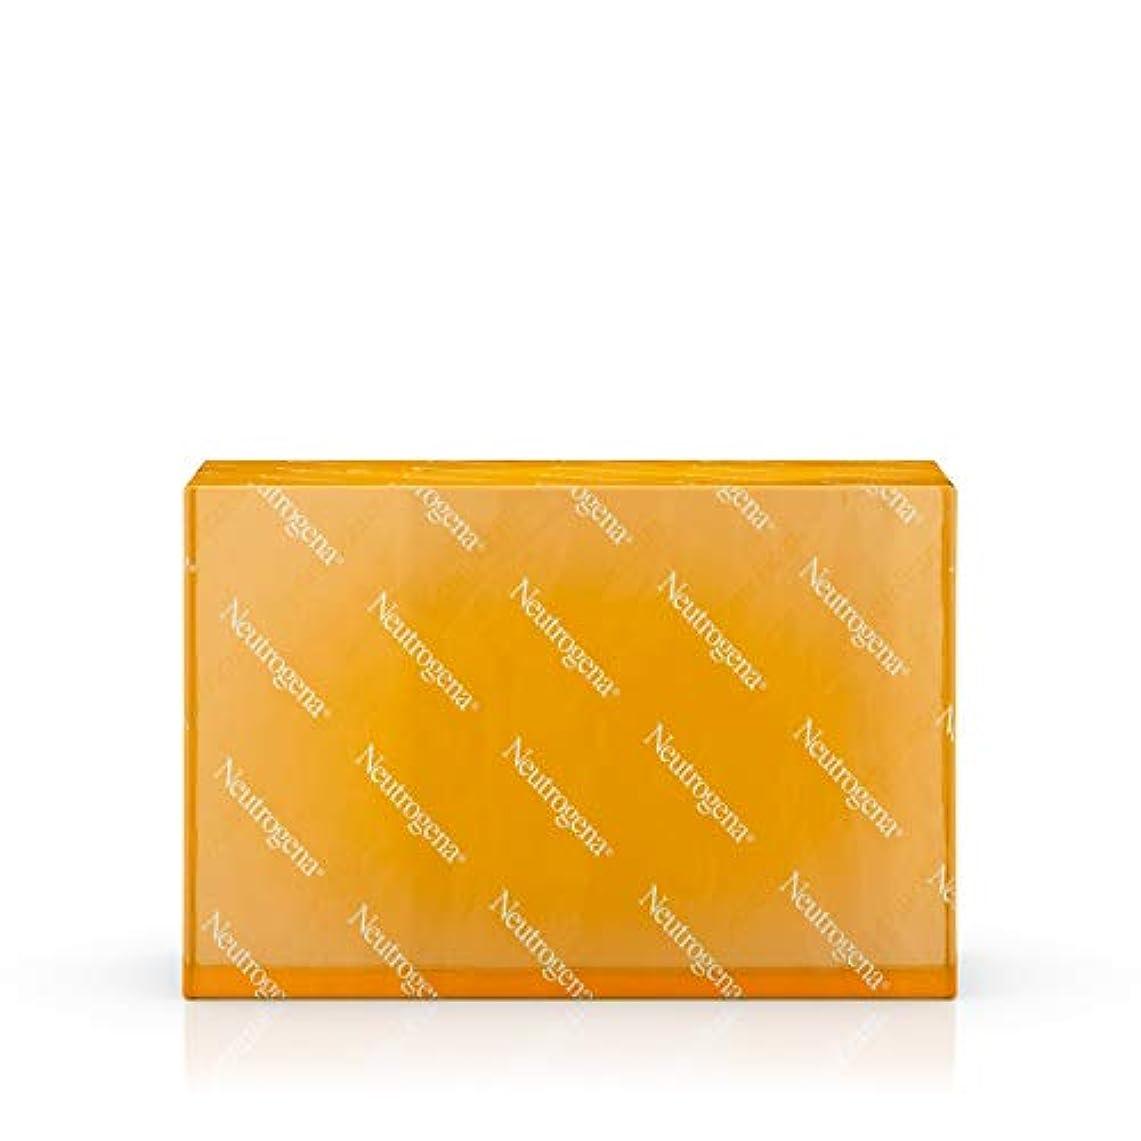 モバイル鳩染色海外直送品 Neutrogena Neutrogena Transparent Facial Bar Soap Fragrance Free, Fragrance Free 3.5 oz